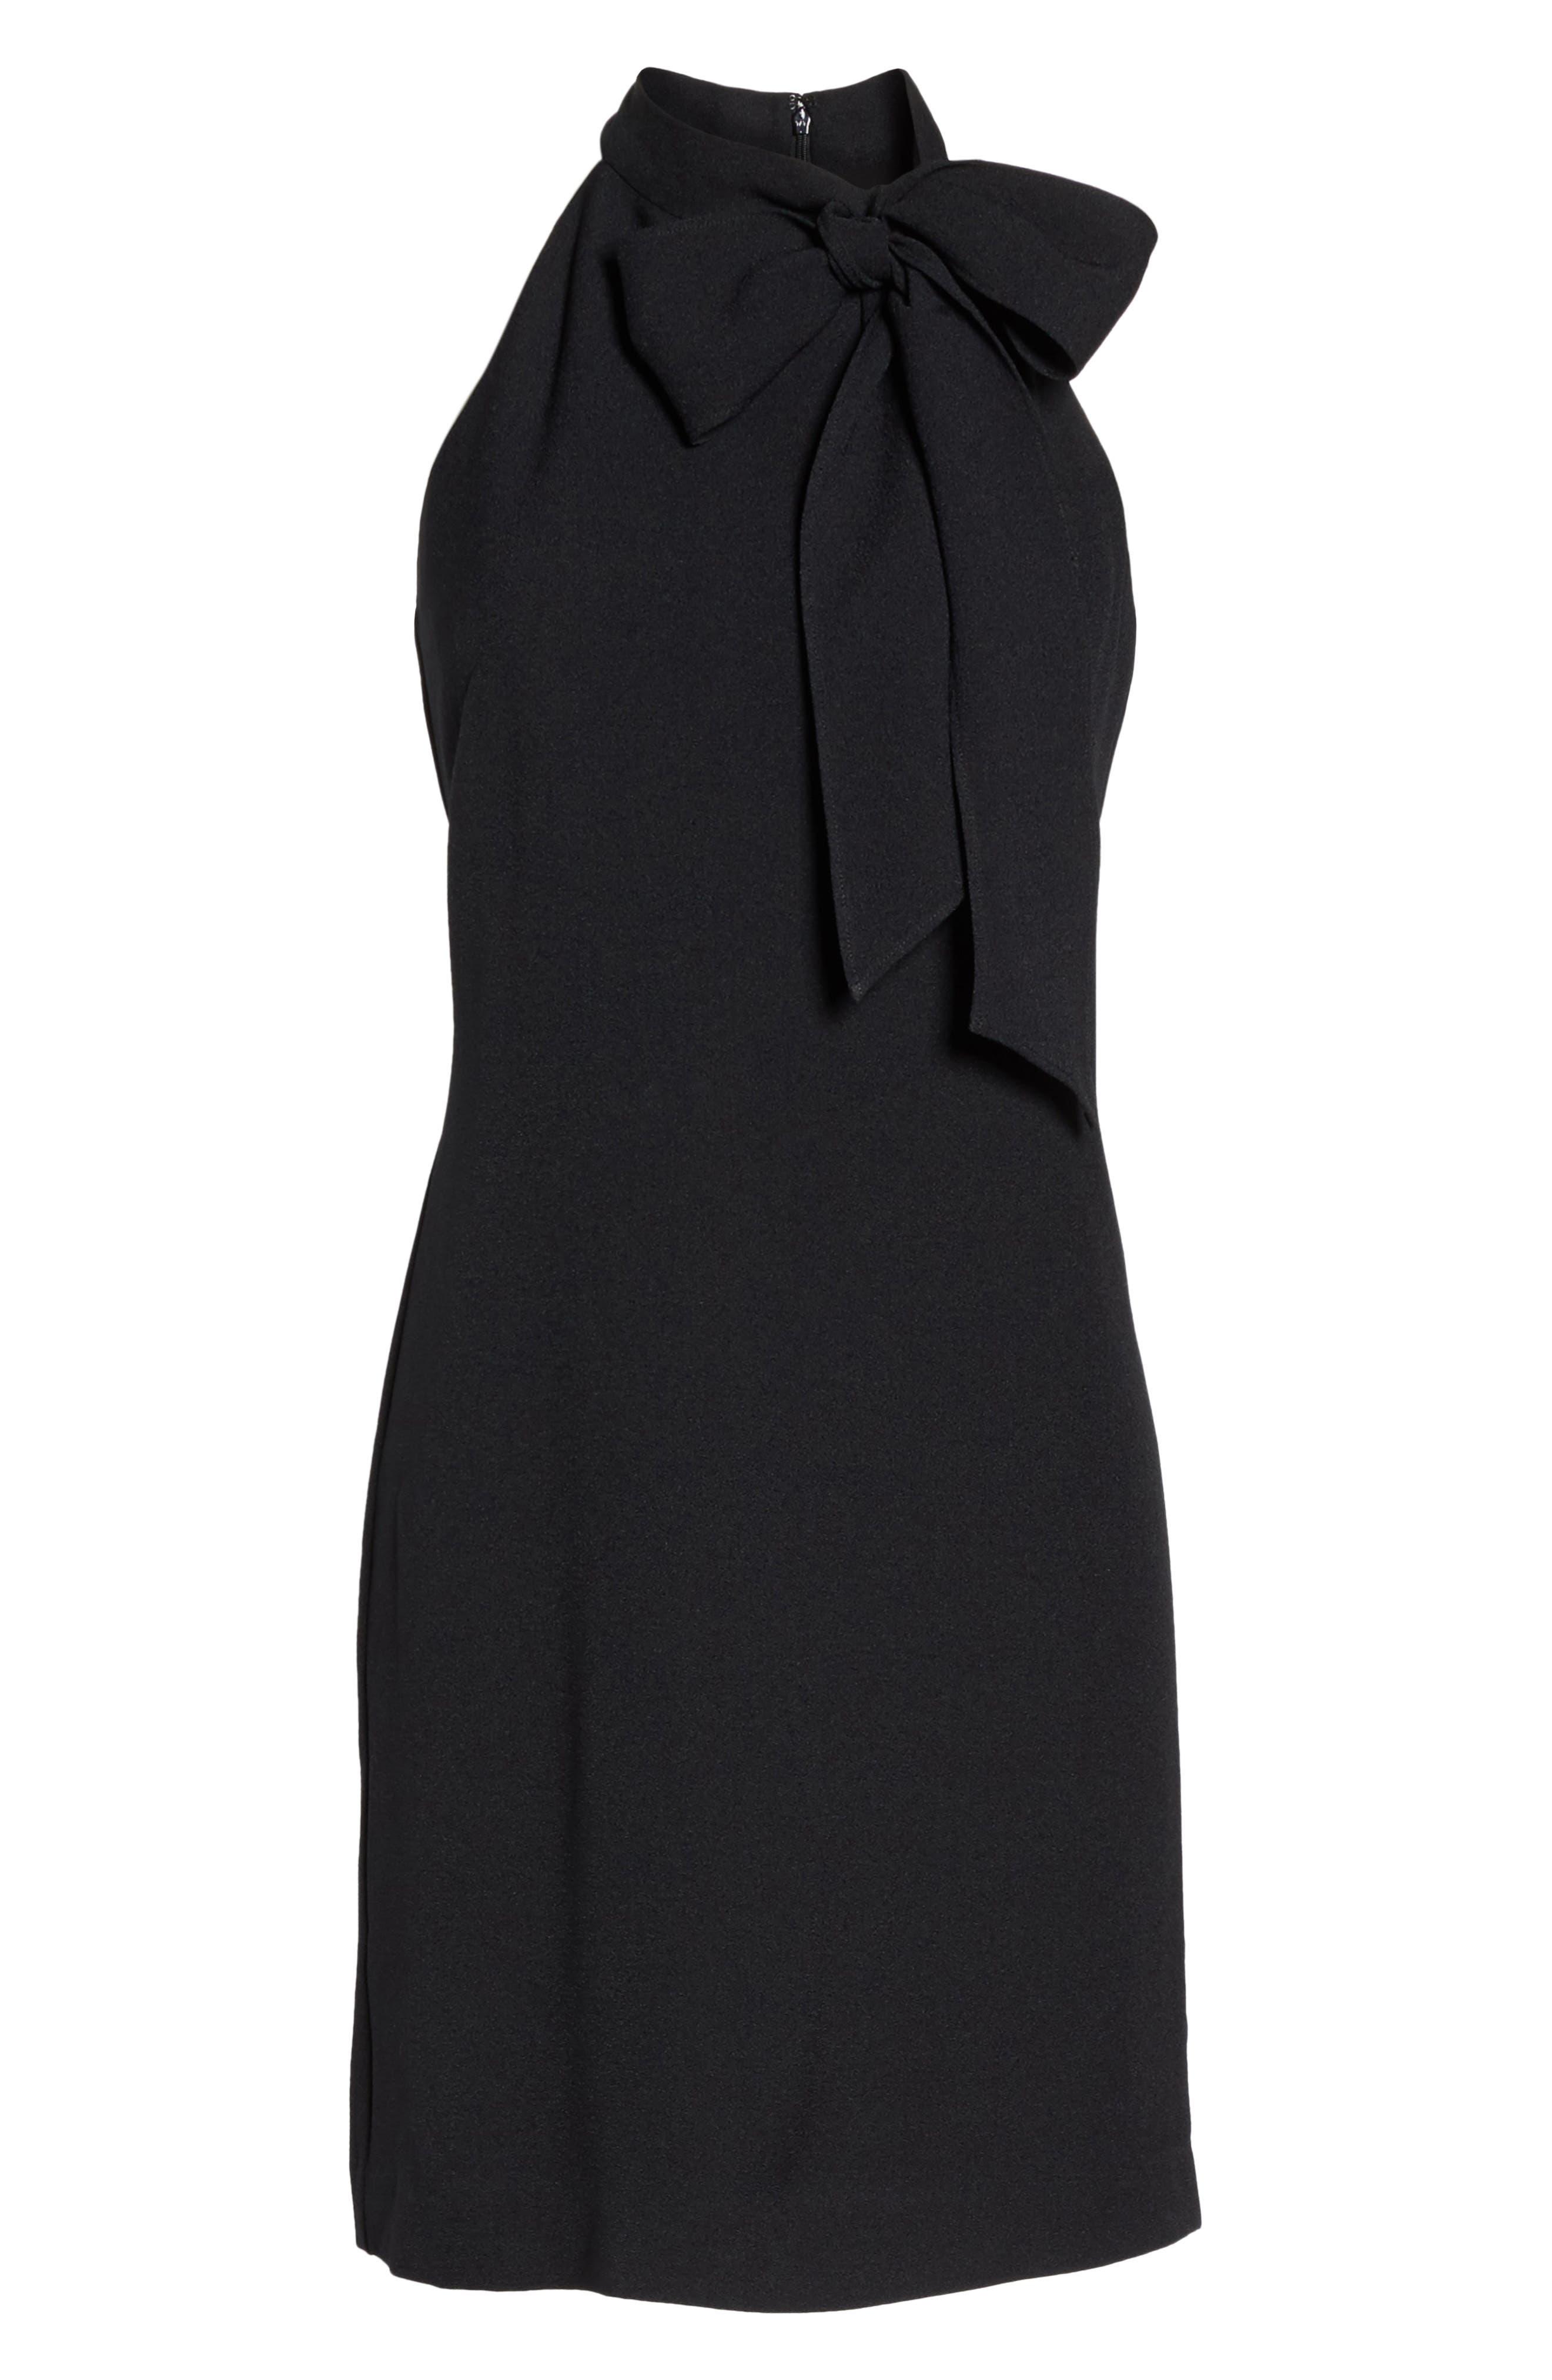 VINCE CAMUTO, Halter Tie Neck A-Line Dress, Alternate thumbnail 8, color, 001